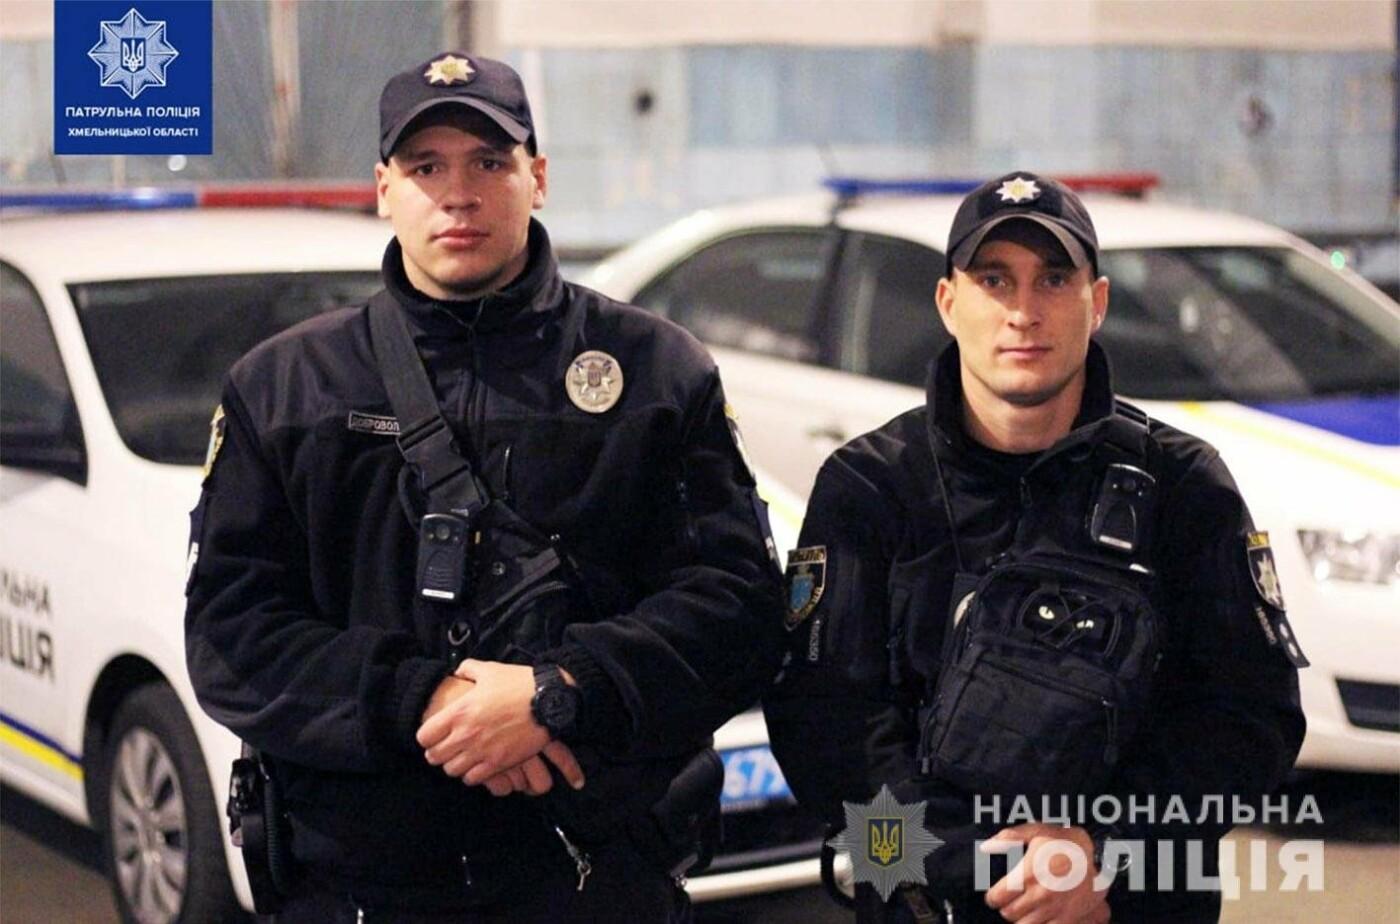 У Хмельницькому патрульні оперативно затримали дует грабіжників (ФОТО), фото-1